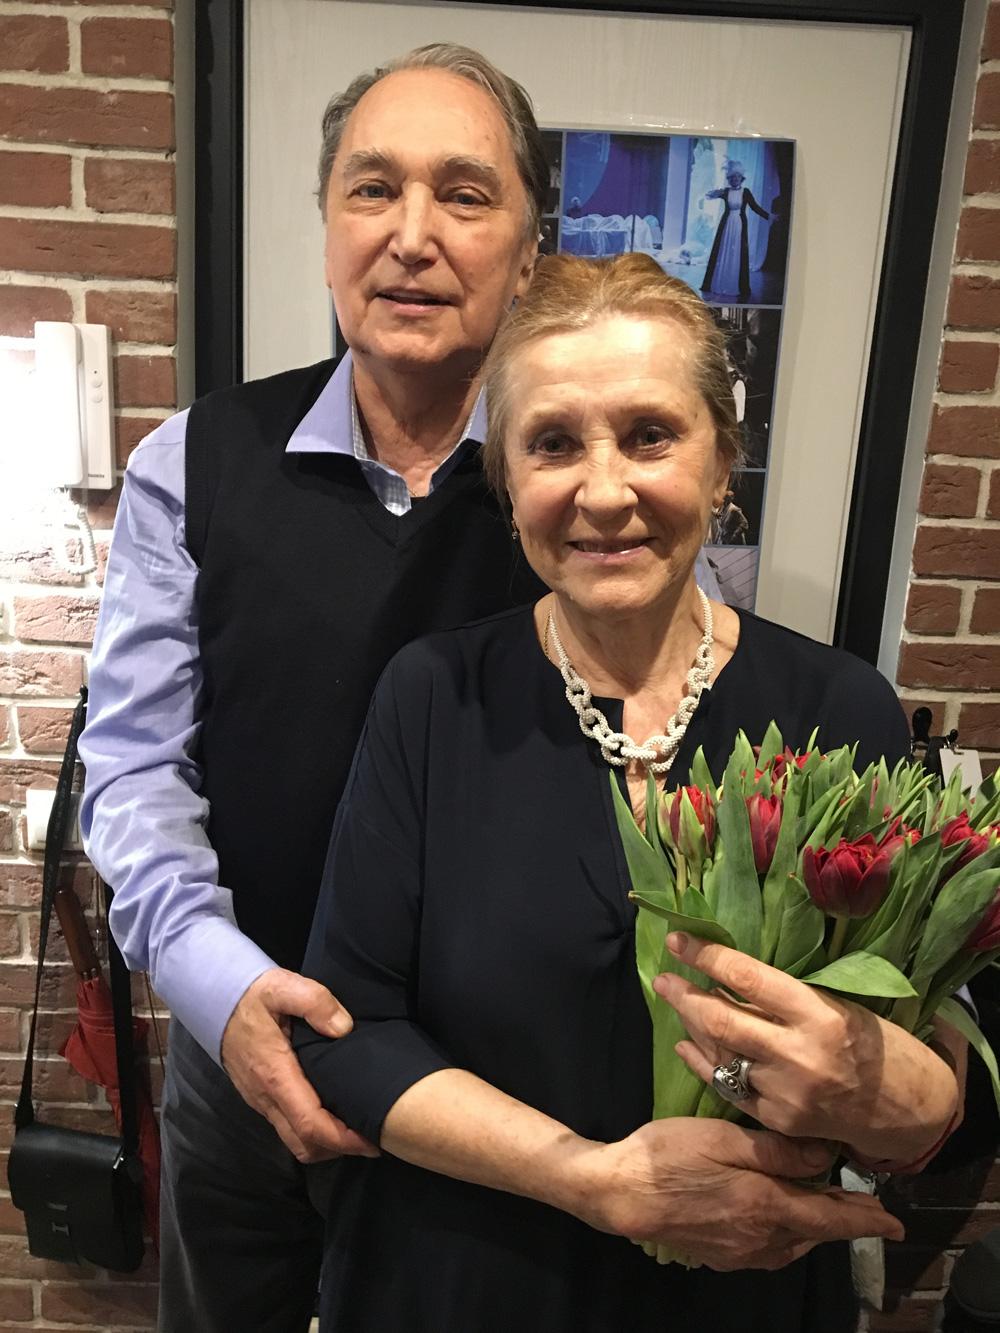 С супругой Алефтиной и дочерью Ириной Коренев играет вместе в театре.